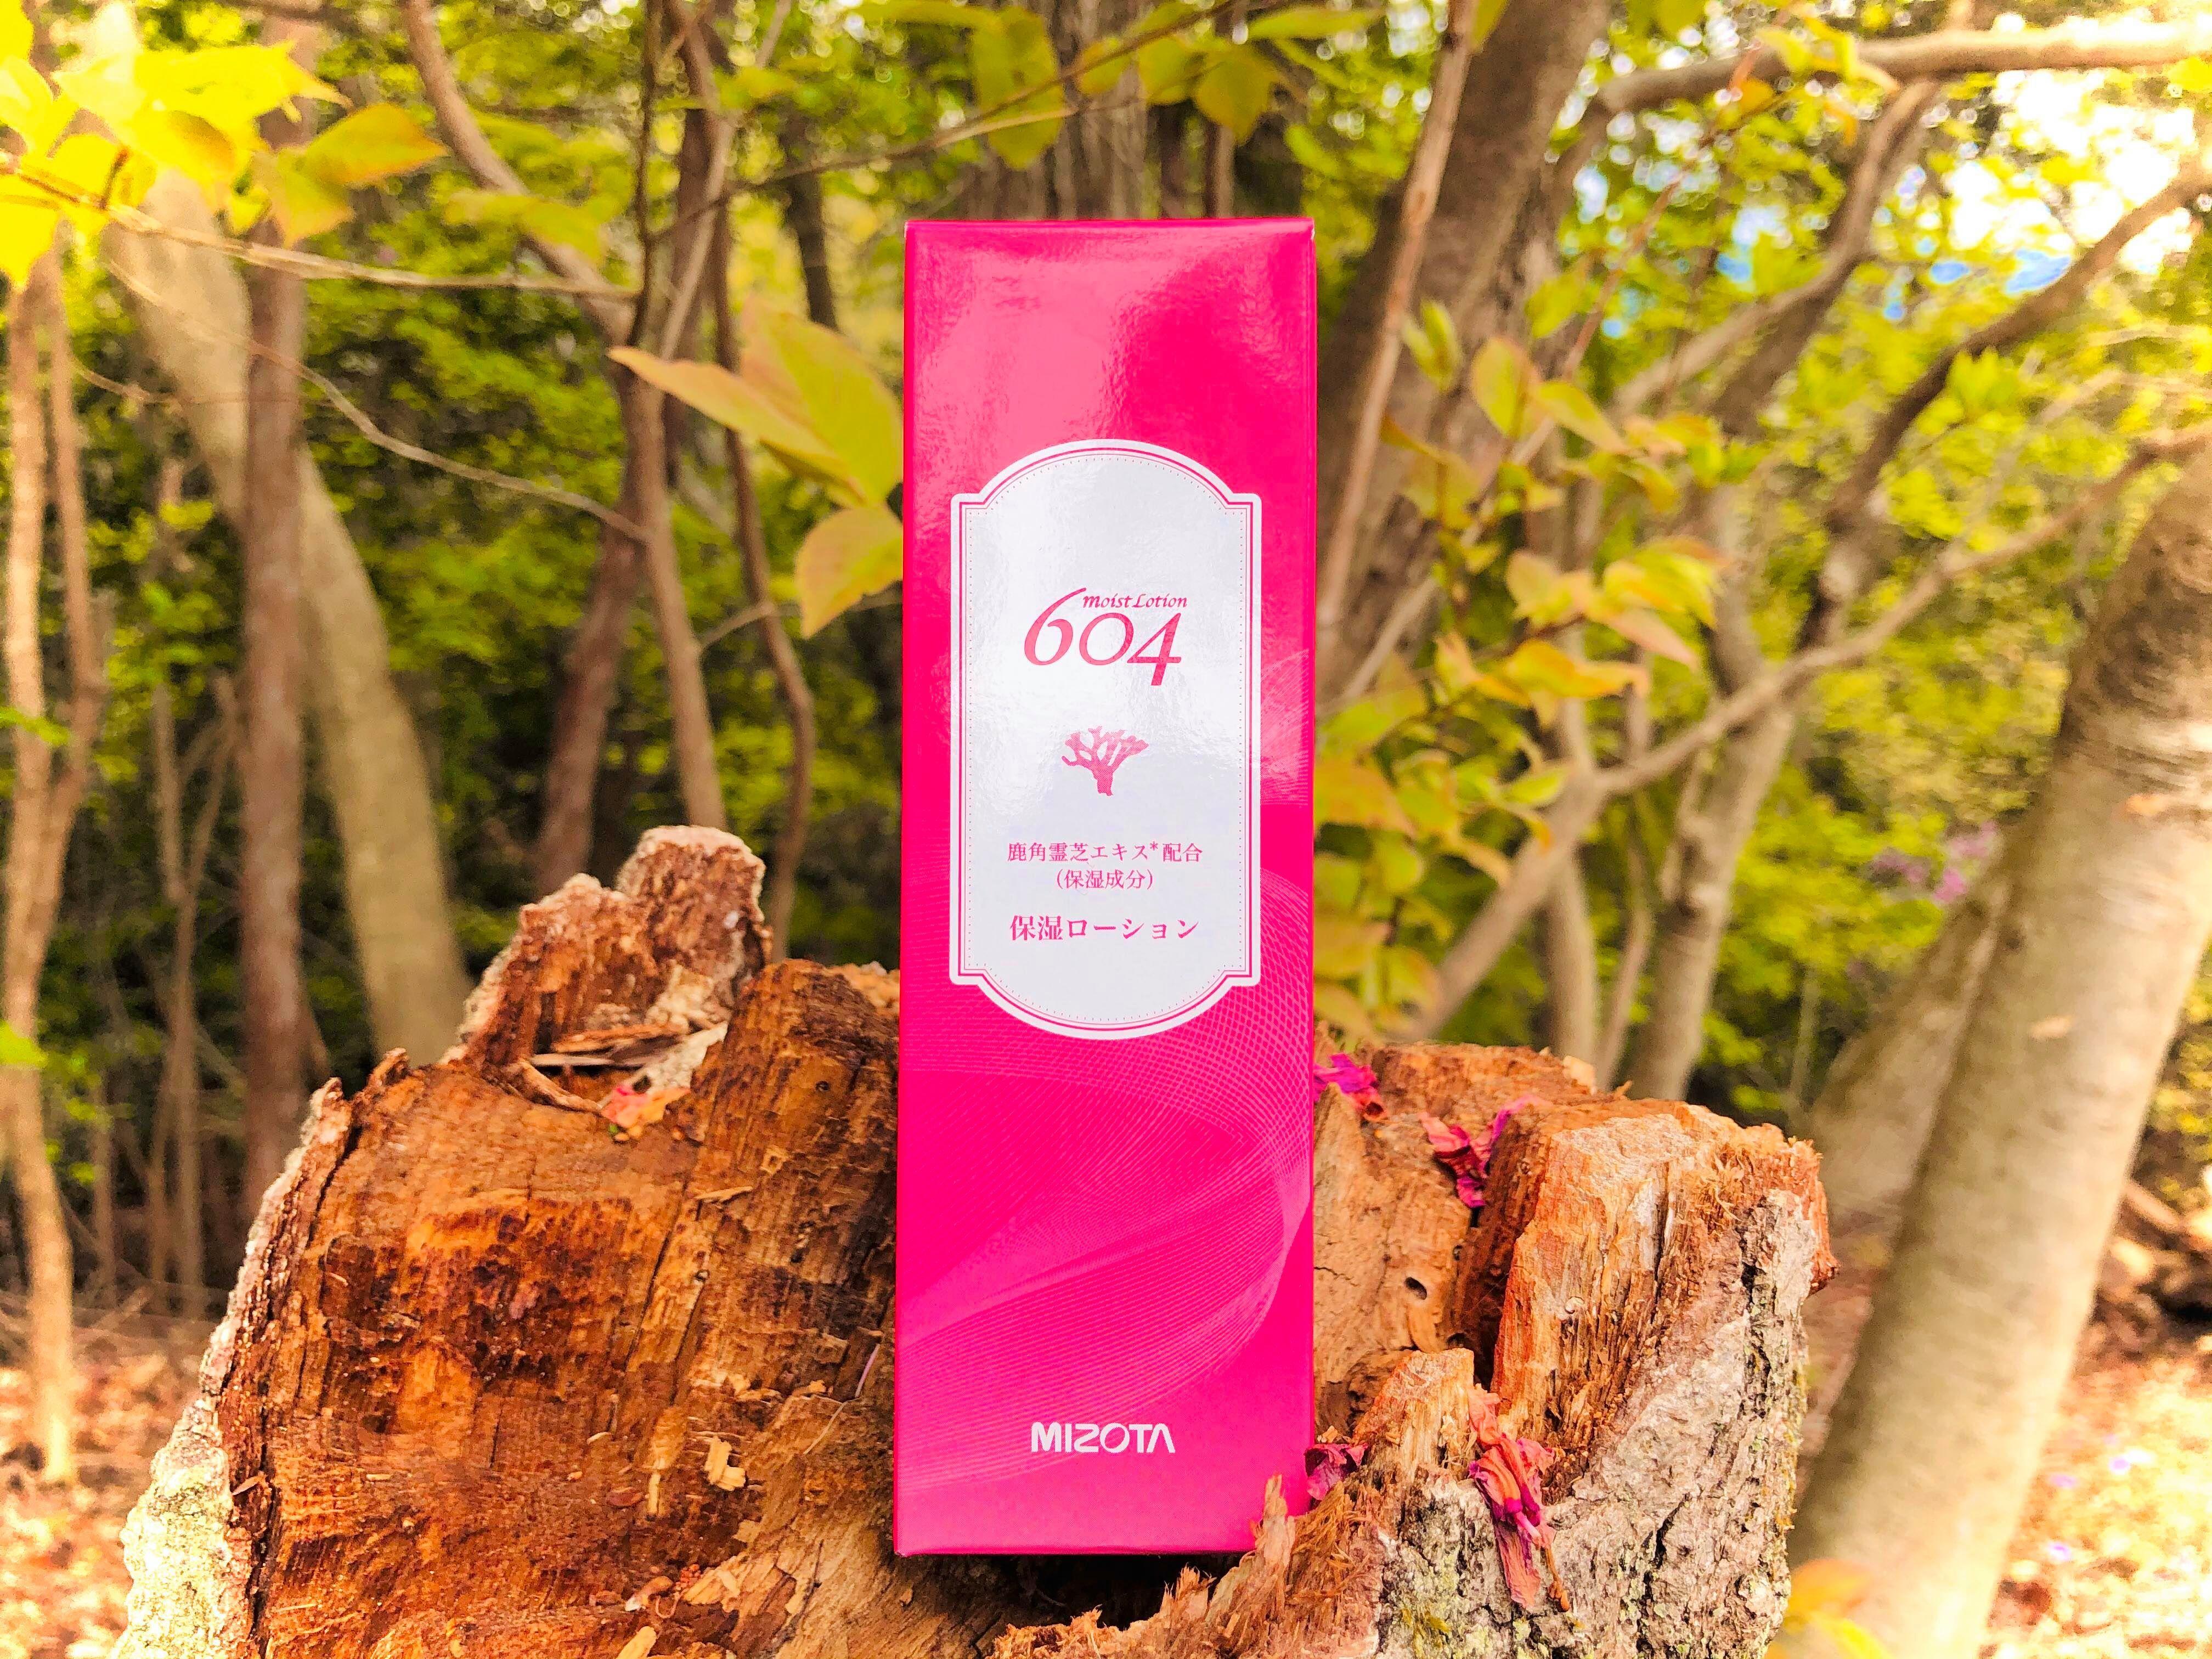 【高濃度 霊芝配合】 美容成分を奥まで浸透させる 美容液のような化粧水(120㎖/パラベンフリー・アルコールフリー・無香料・無着色)